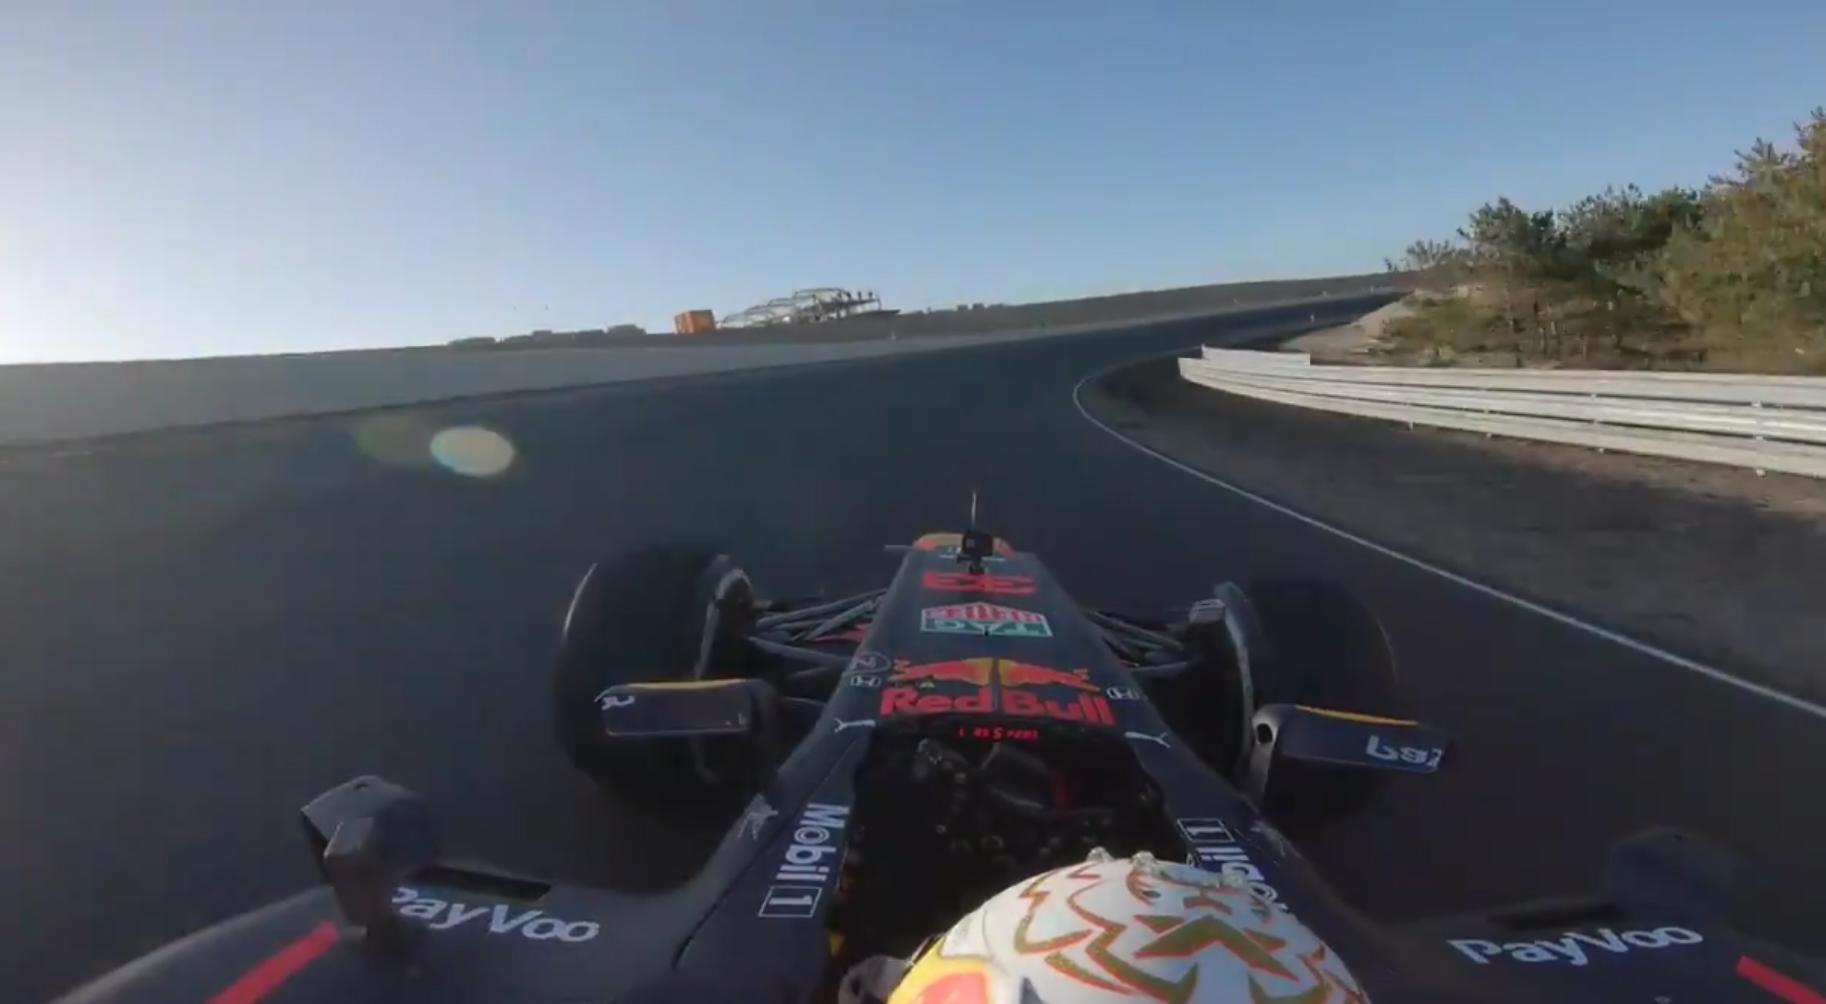 Onboard Footage: Max Verstappen Racing At Circuit Zandvoort Today